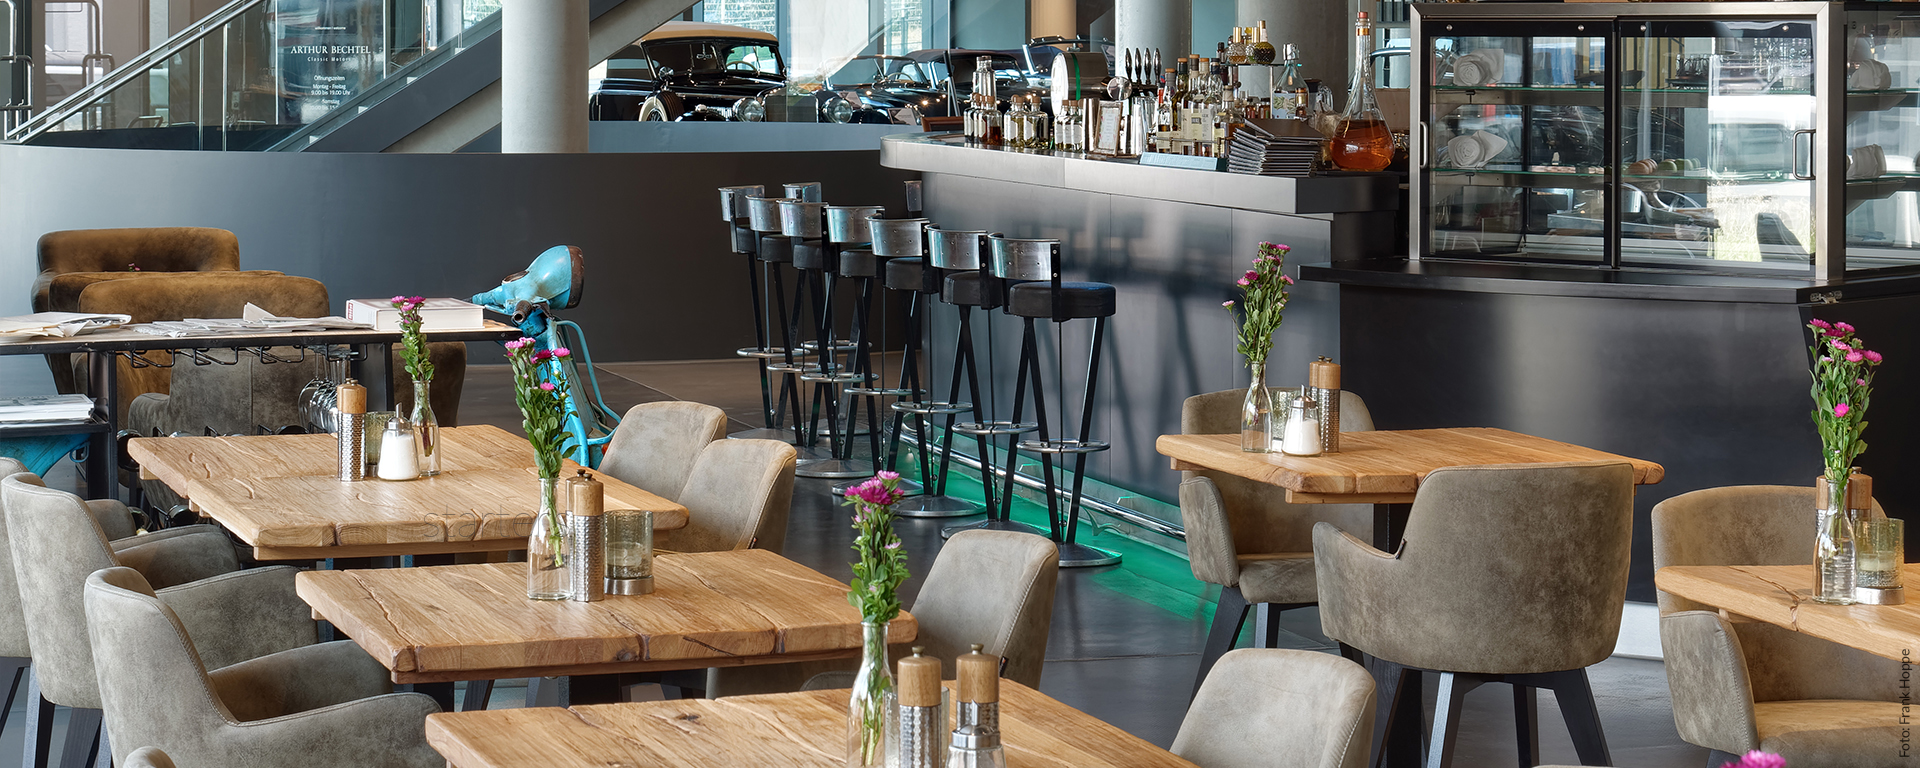 Das Restaurant & BAR PickUp im V8 Hotel Böblingen (BB) bietet Ihnen Frühstück, Brunch an Feiertagen, Mittagessen, Mittagessen und Business-Lunch, Dinner und Bar-Betrieb. Gut Essen & Trinken, Supercar-Ambiente inklusive!